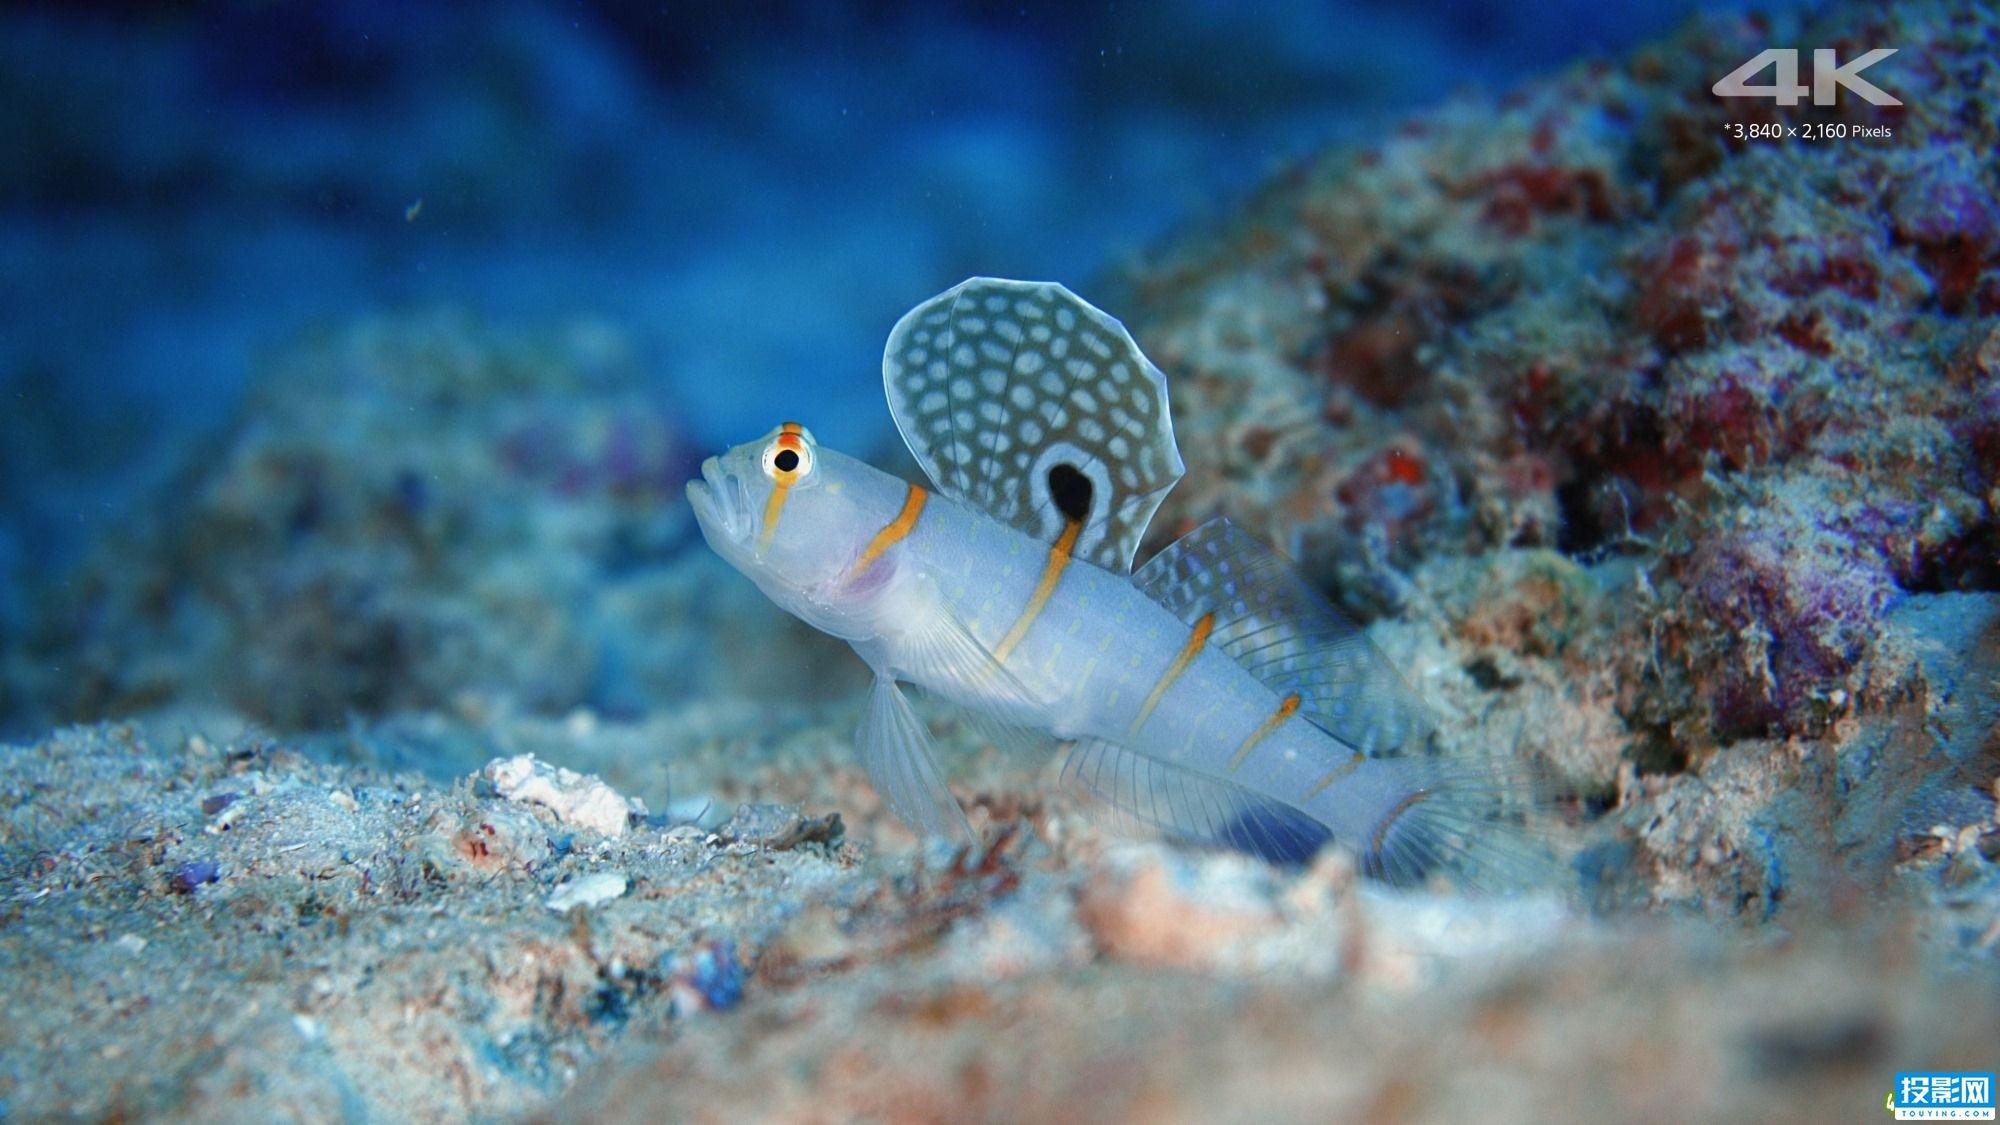 冲绳美丽海水族馆,奇妙海底世界